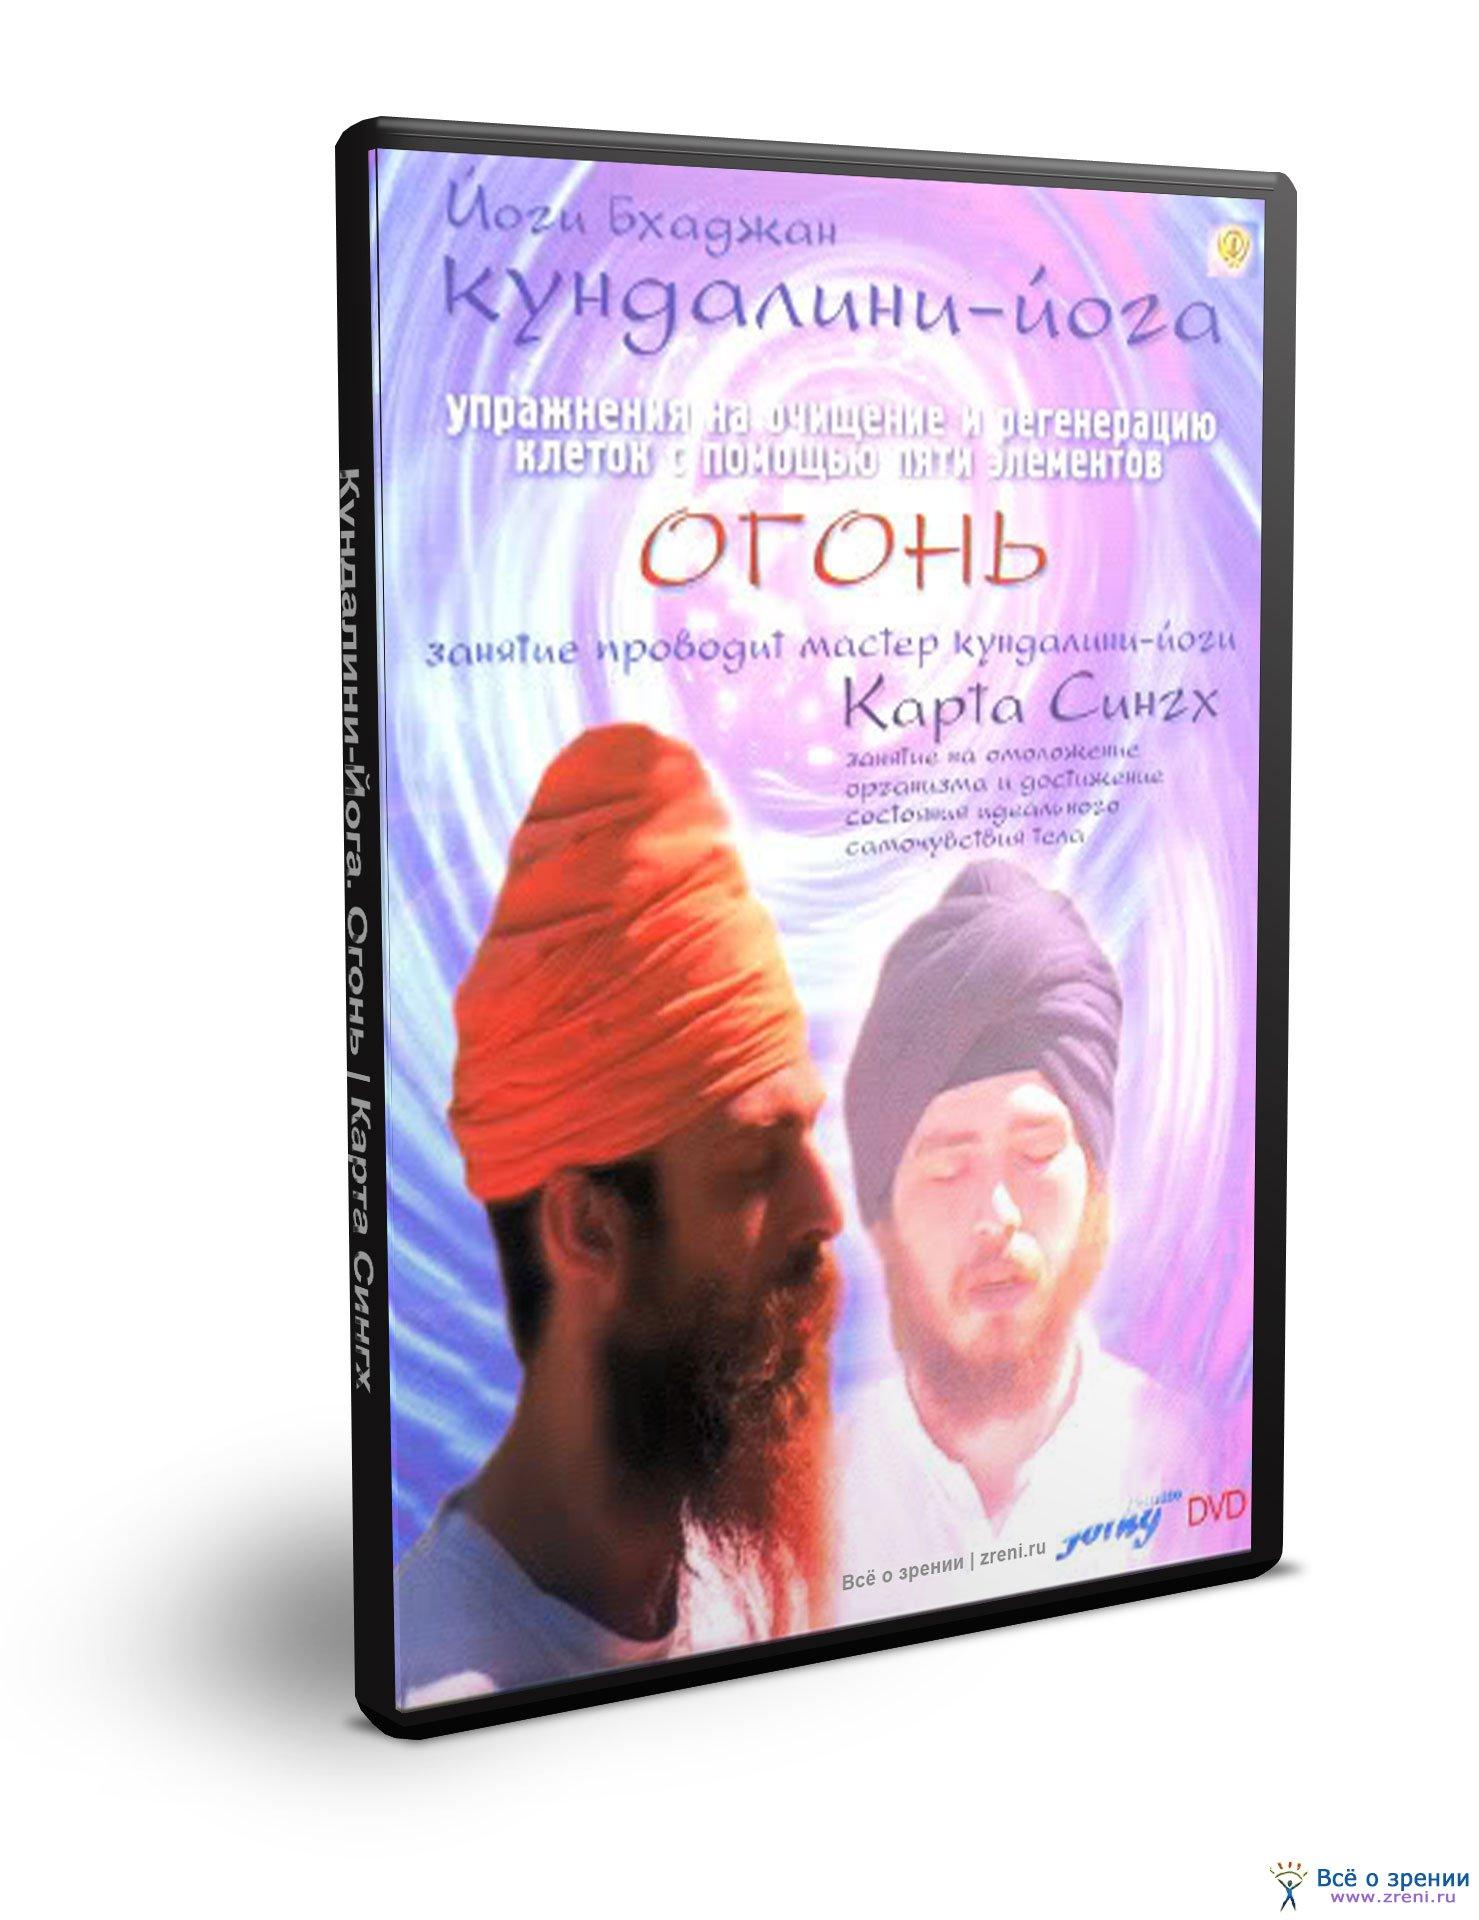 Книги марка комиссарова скачать бесплатно